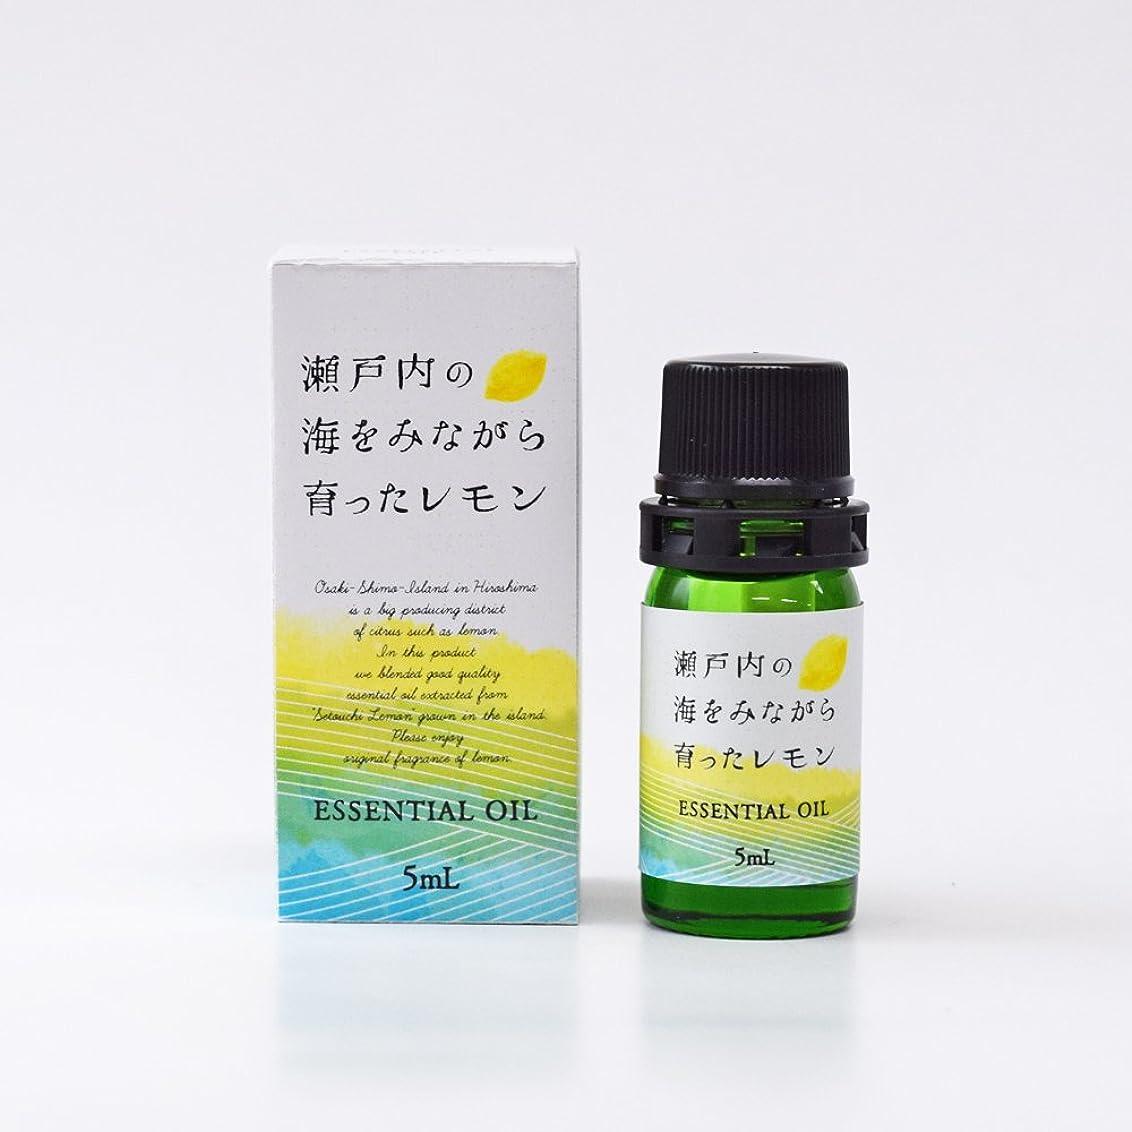 に頼る付録実用的レモン エッセンシャルオイル